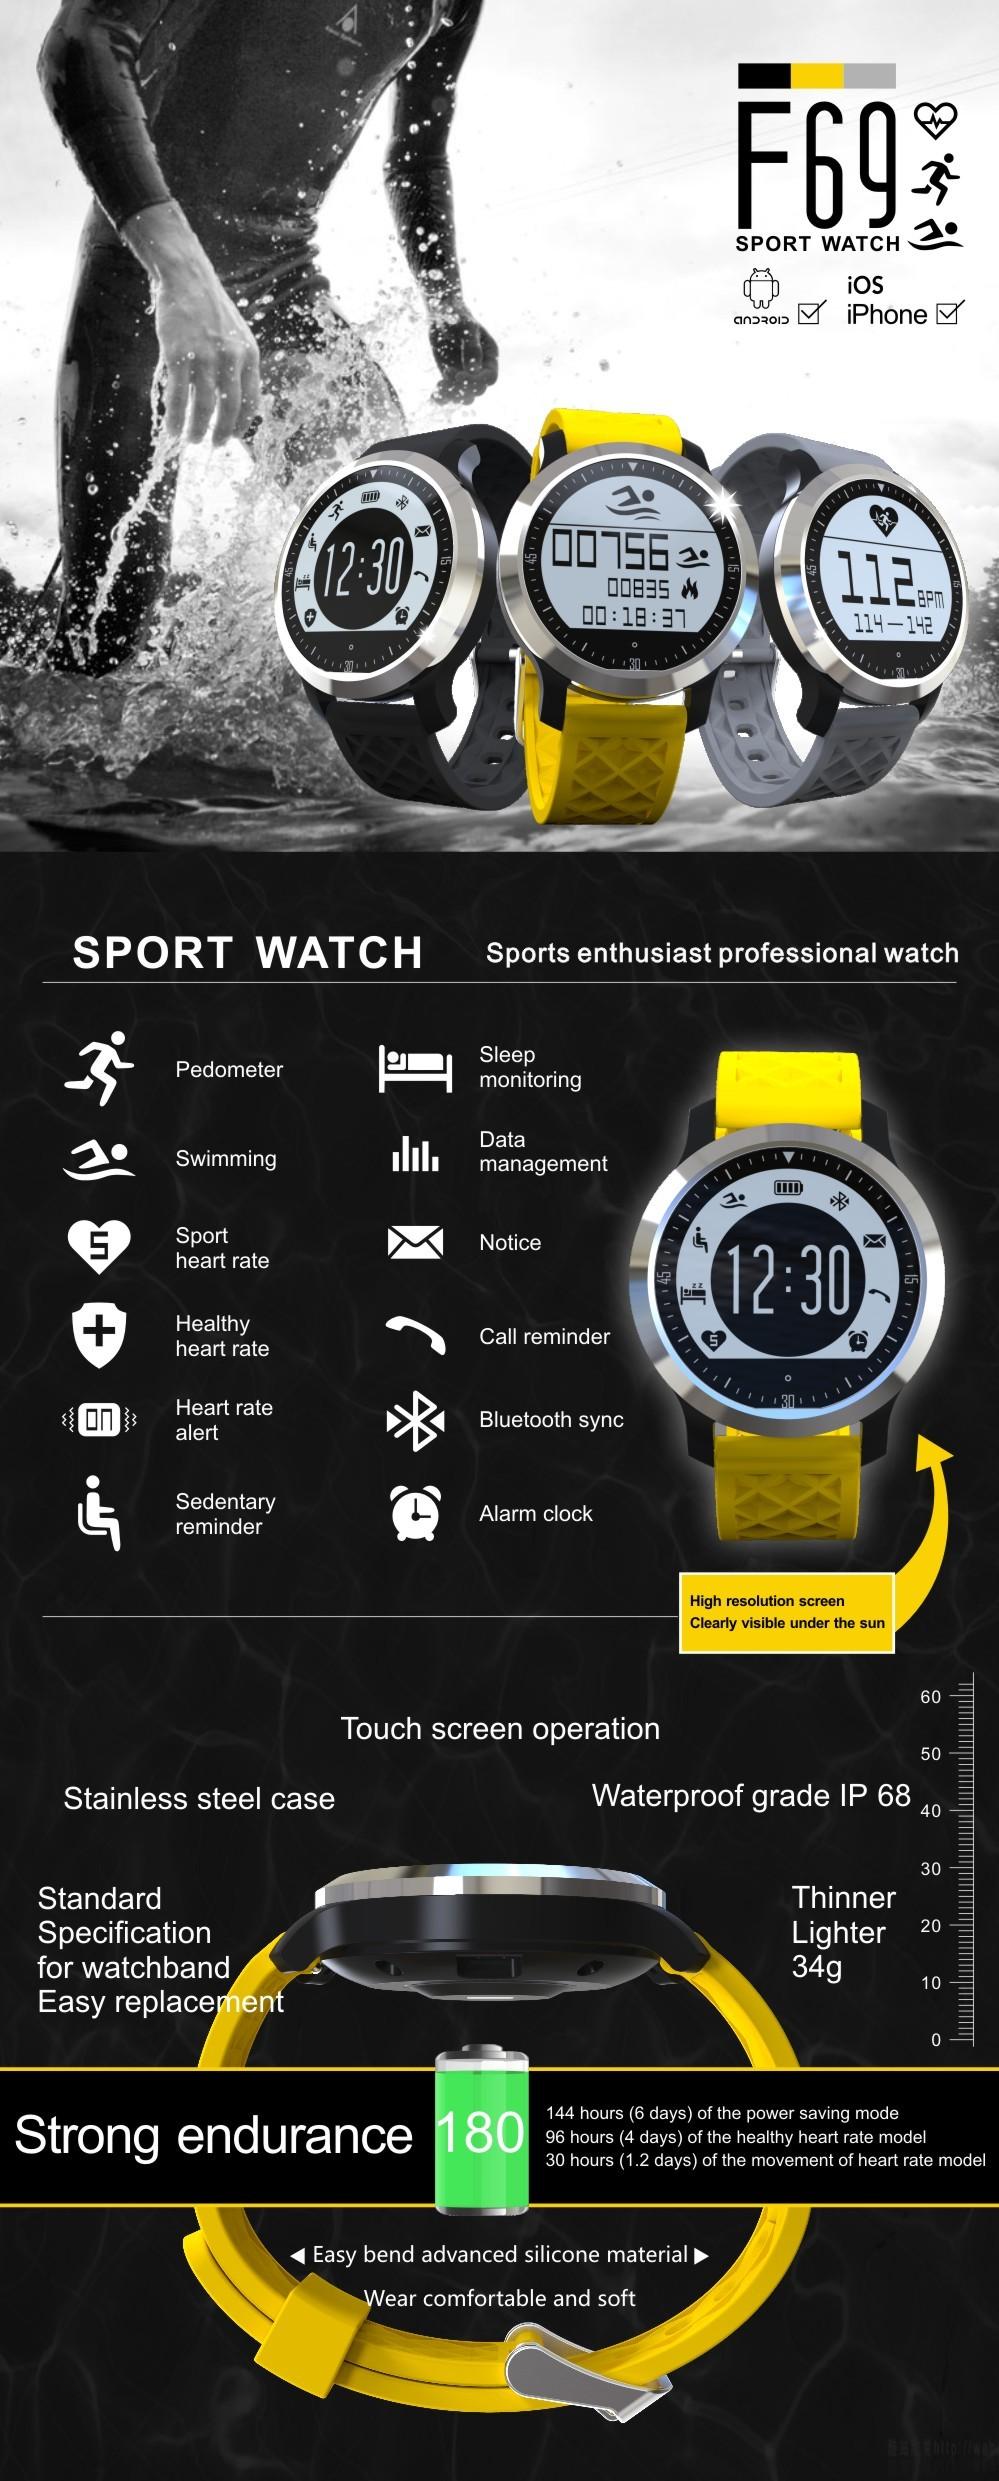 ถูก IP68กันน้ำว่ายน้ำกีฬานาฬิกาสมาร์ทโทรข้อความเตือนsmartwach android ios pedometerนอนmonintorติดตามสุขภาพ